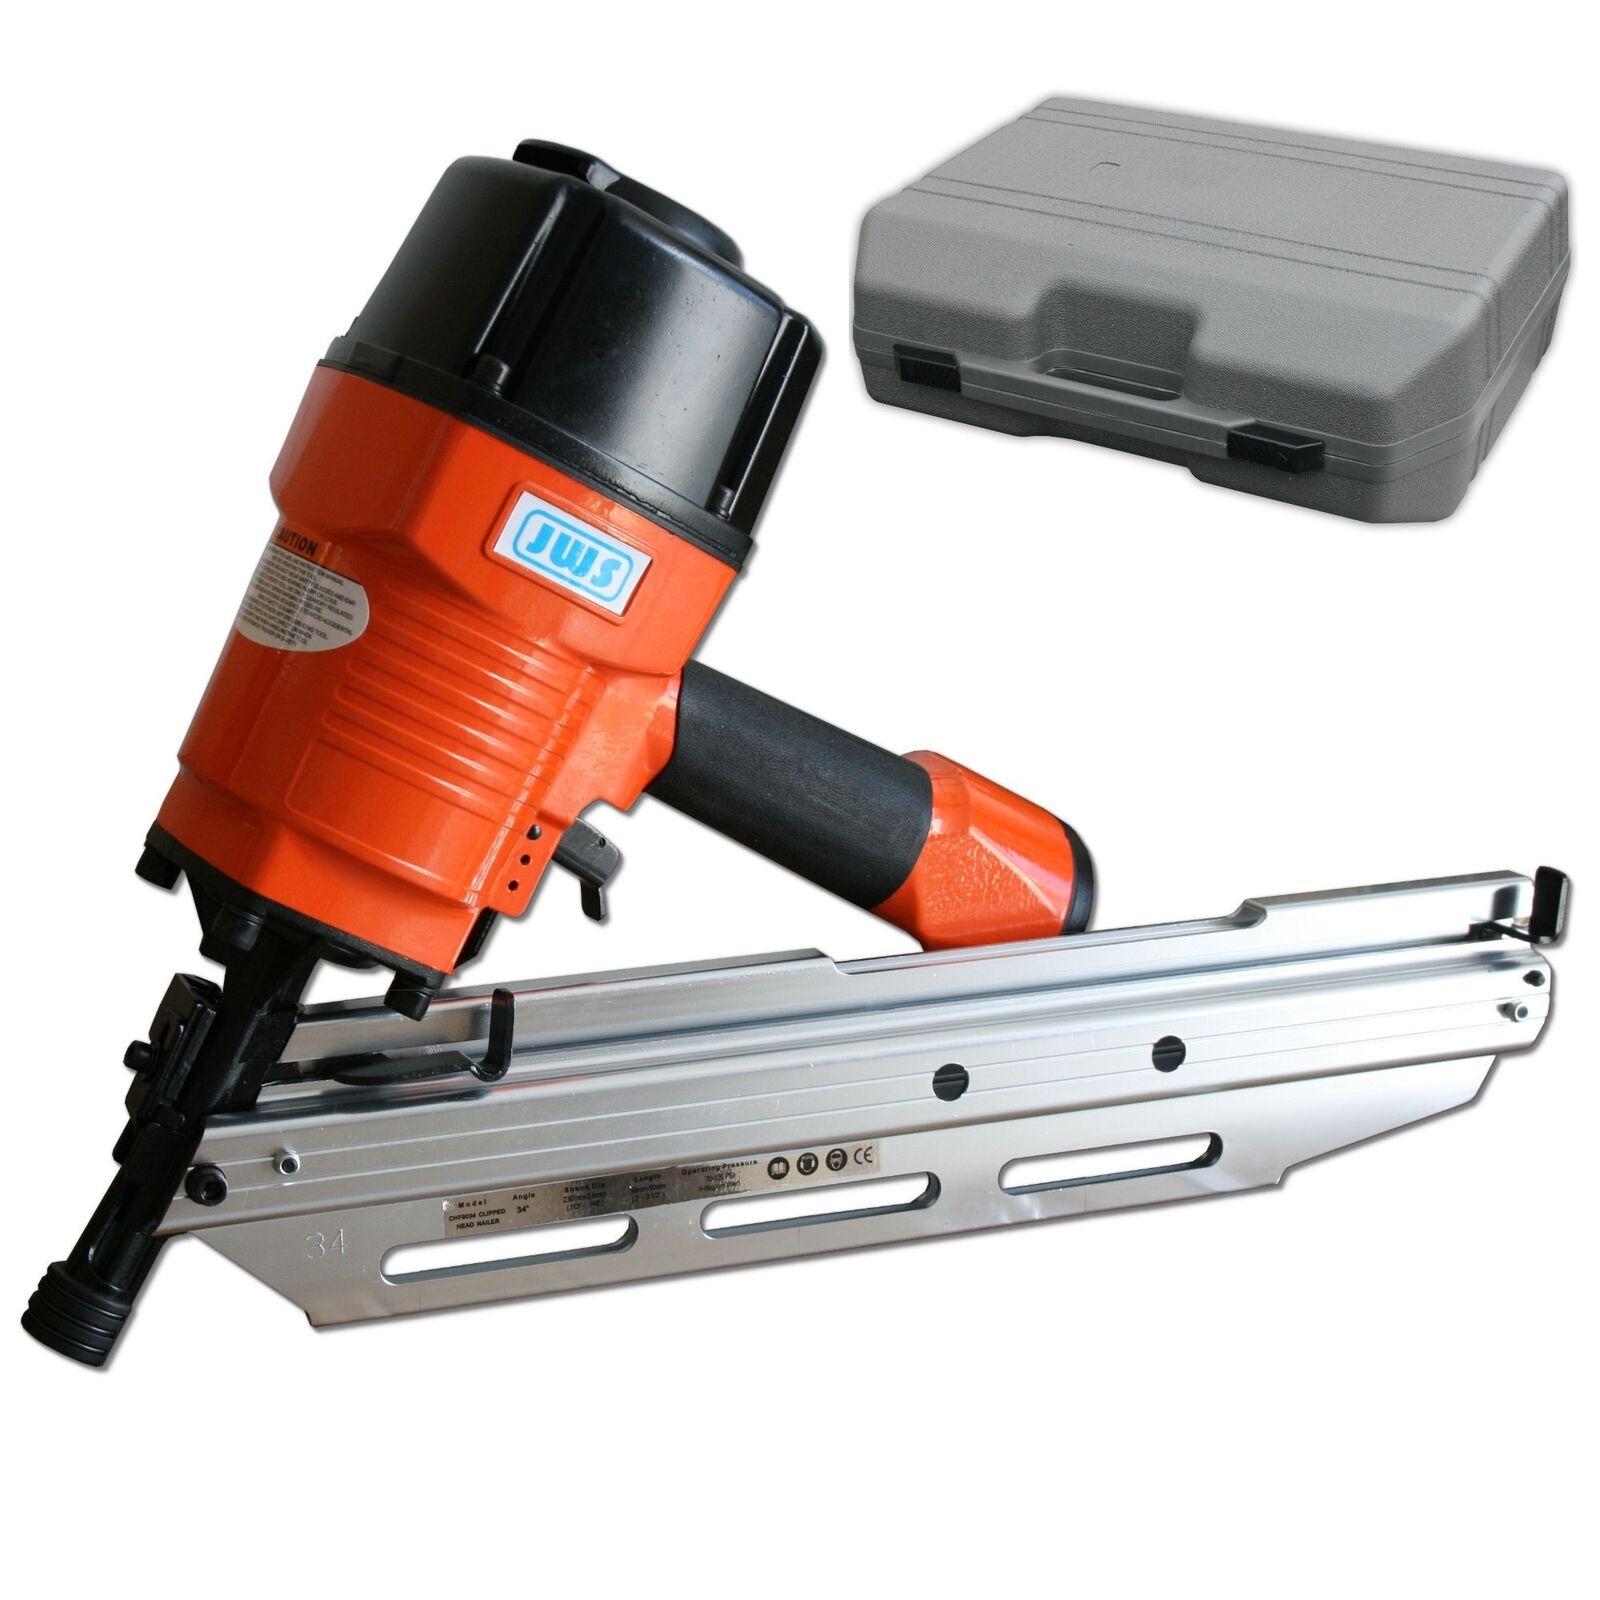 Streifennagler Druckluft Druckluftnagler Nagelgerät 34° 50mm bis 90mm Nagler